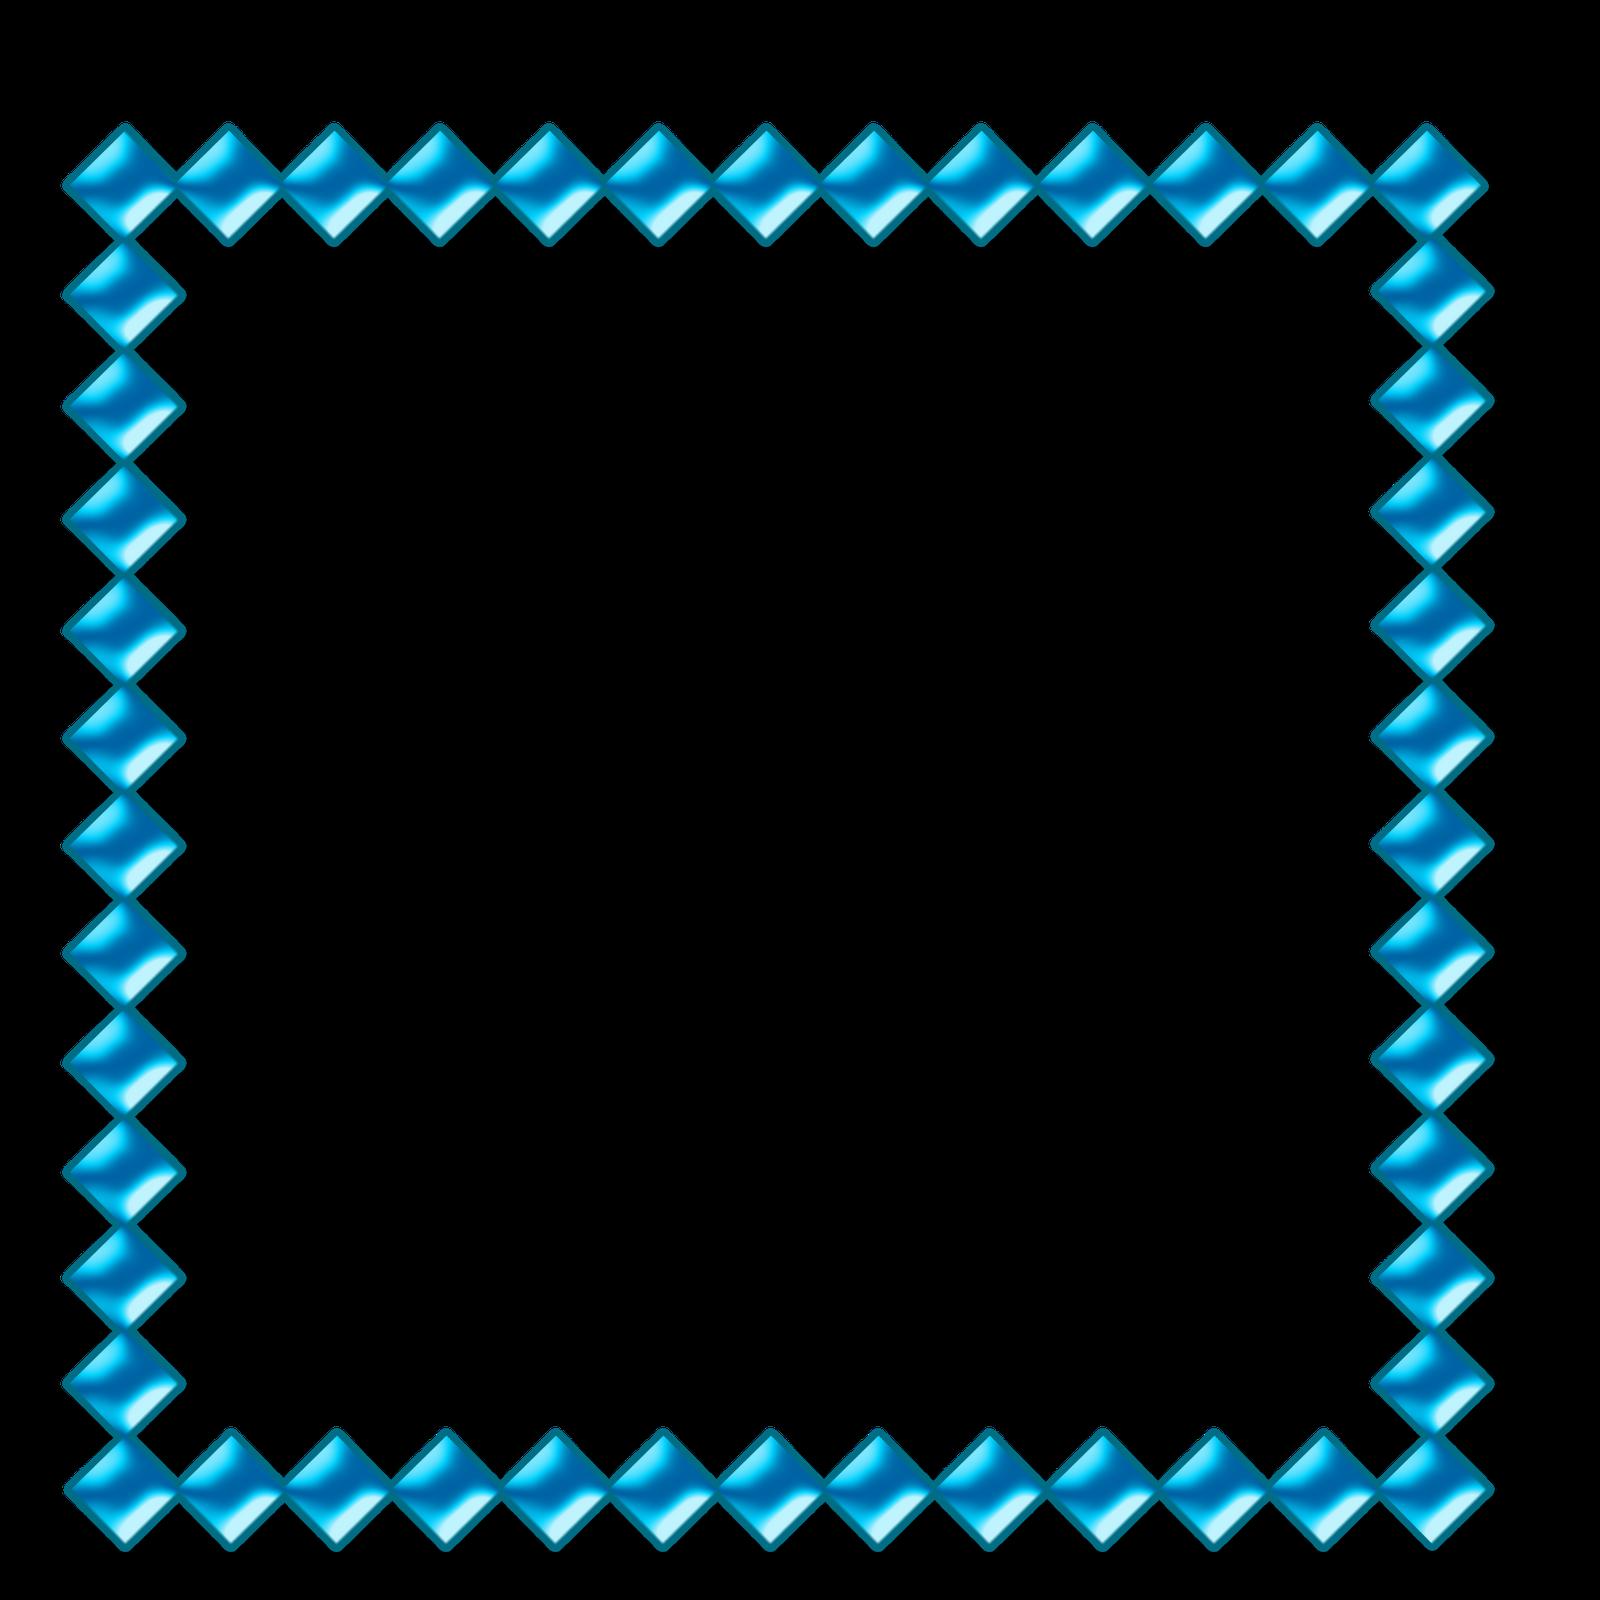 Bordas Png fundo transparente | Imagens para photoshop